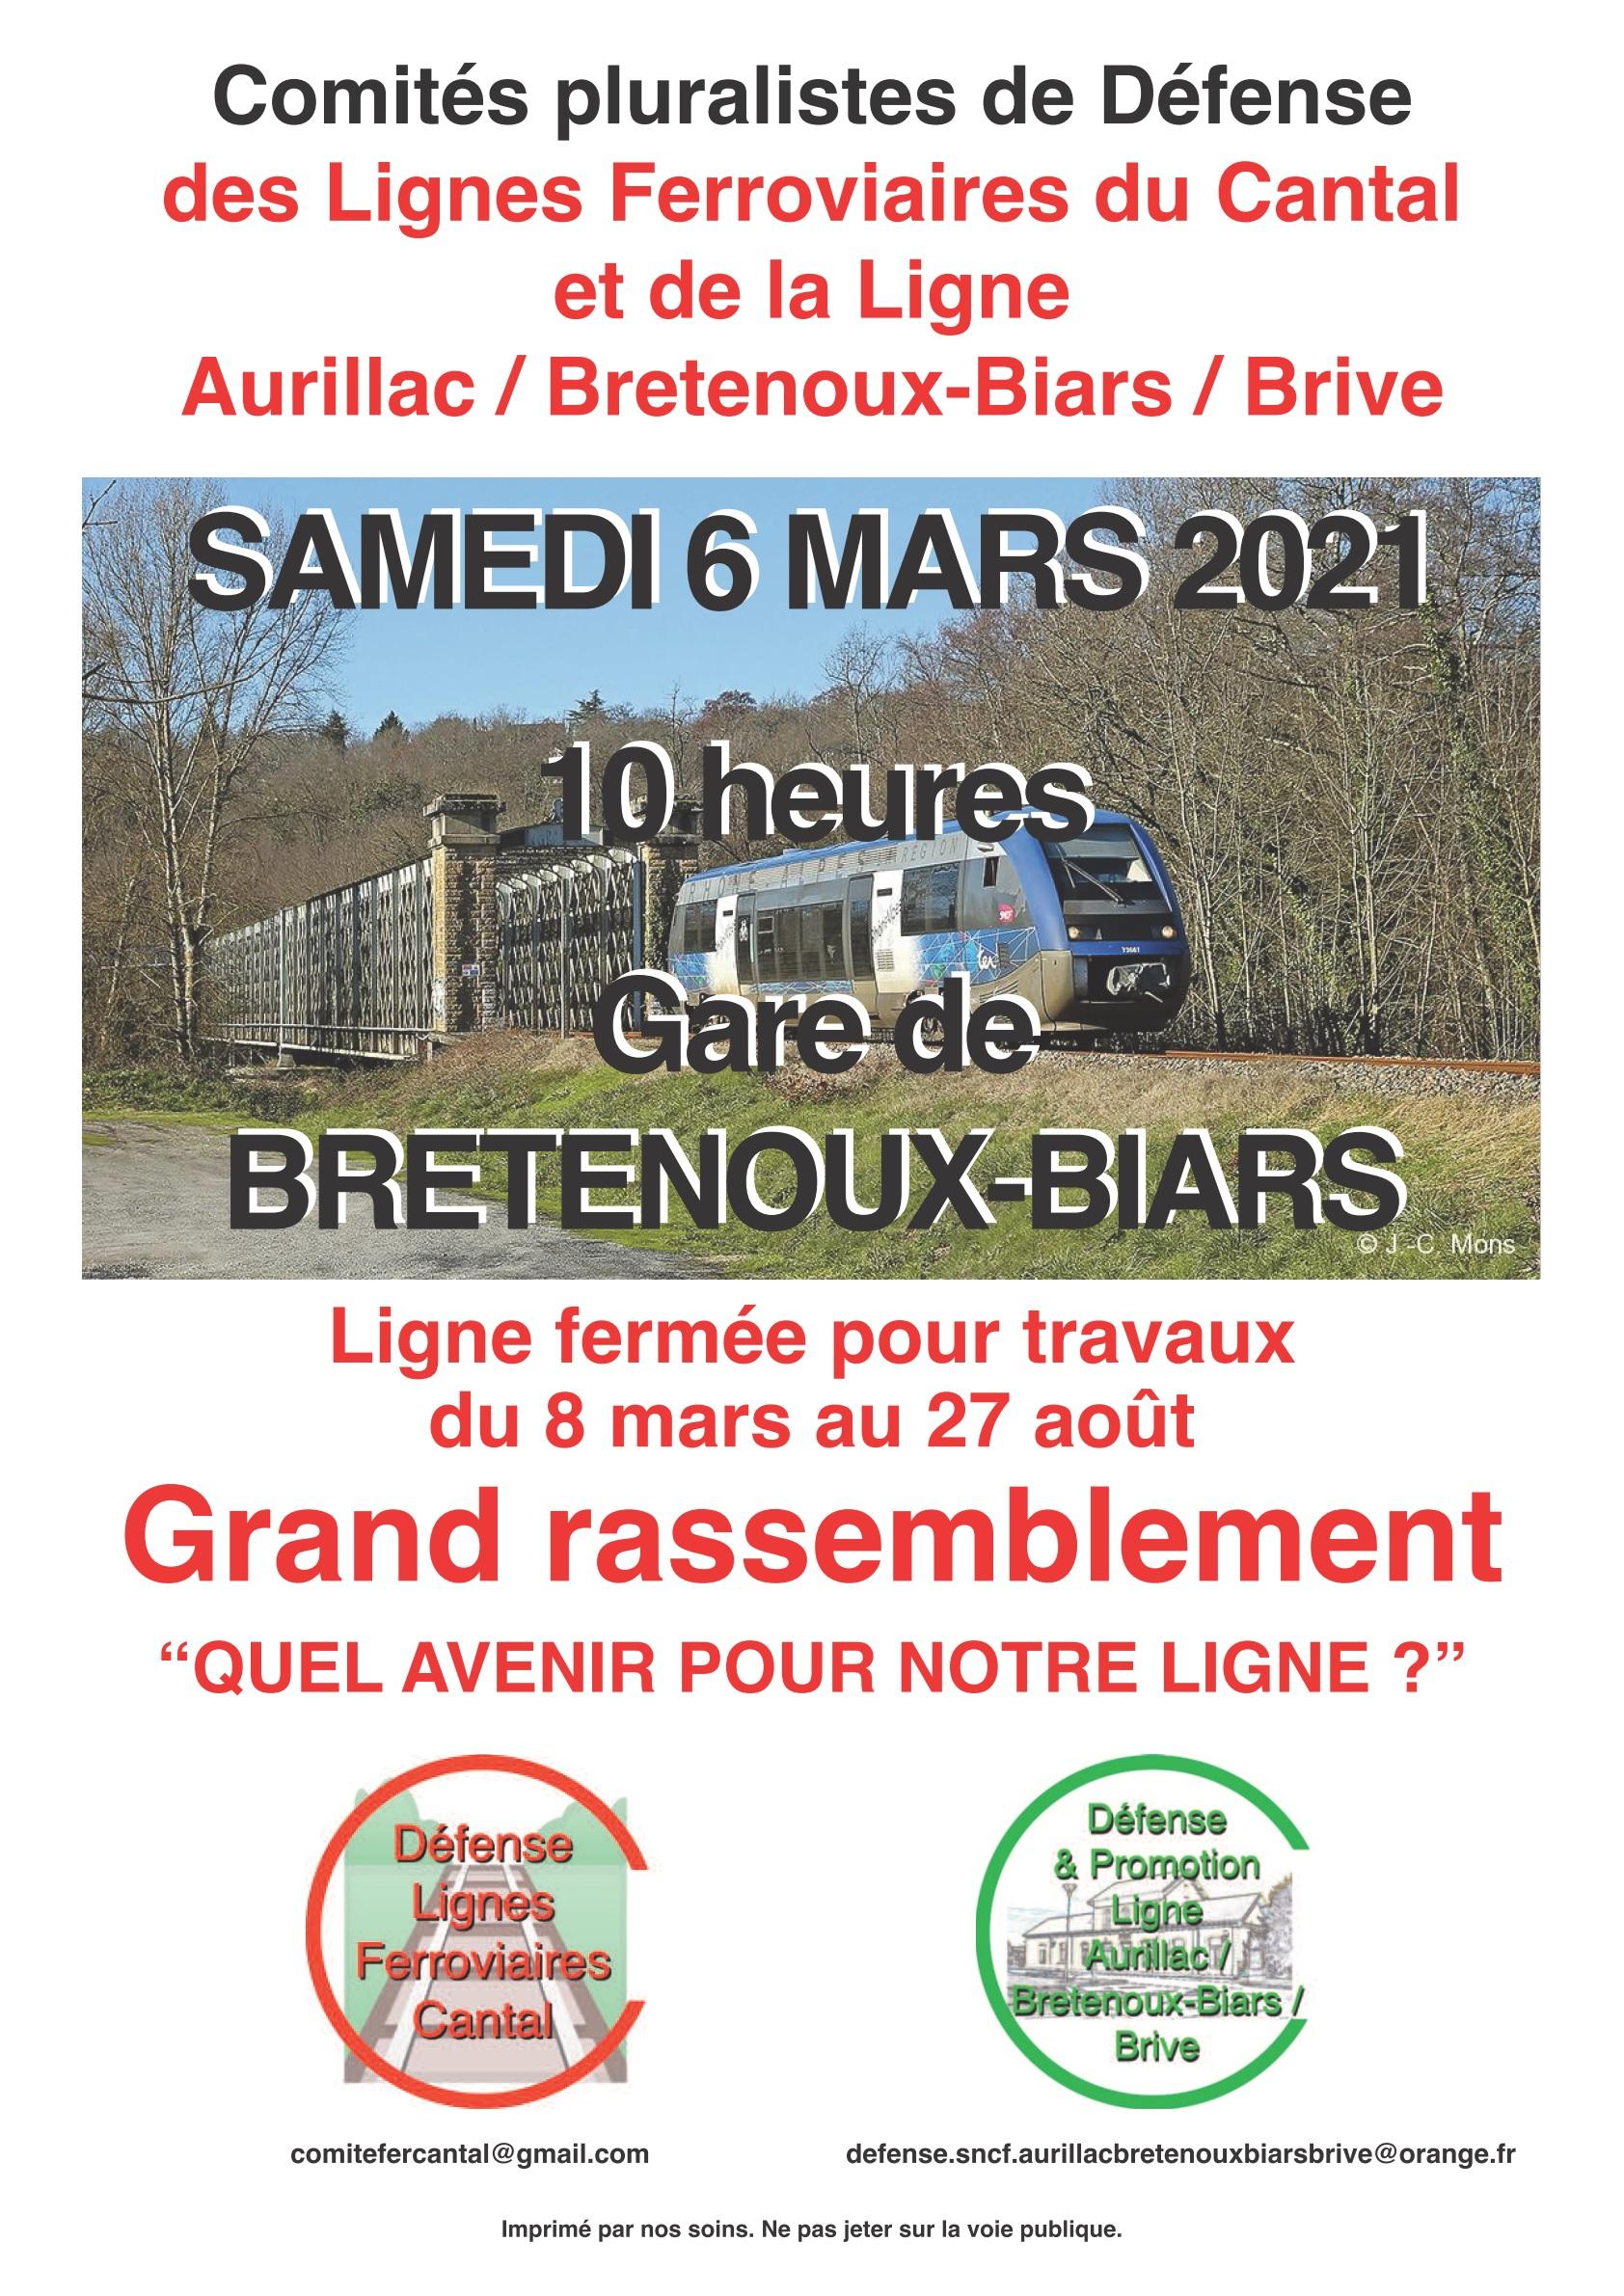 Le 6 mars 2021 : rassemblement pour le rail dans le Massif Central à la gare de Bretenoux-Biars